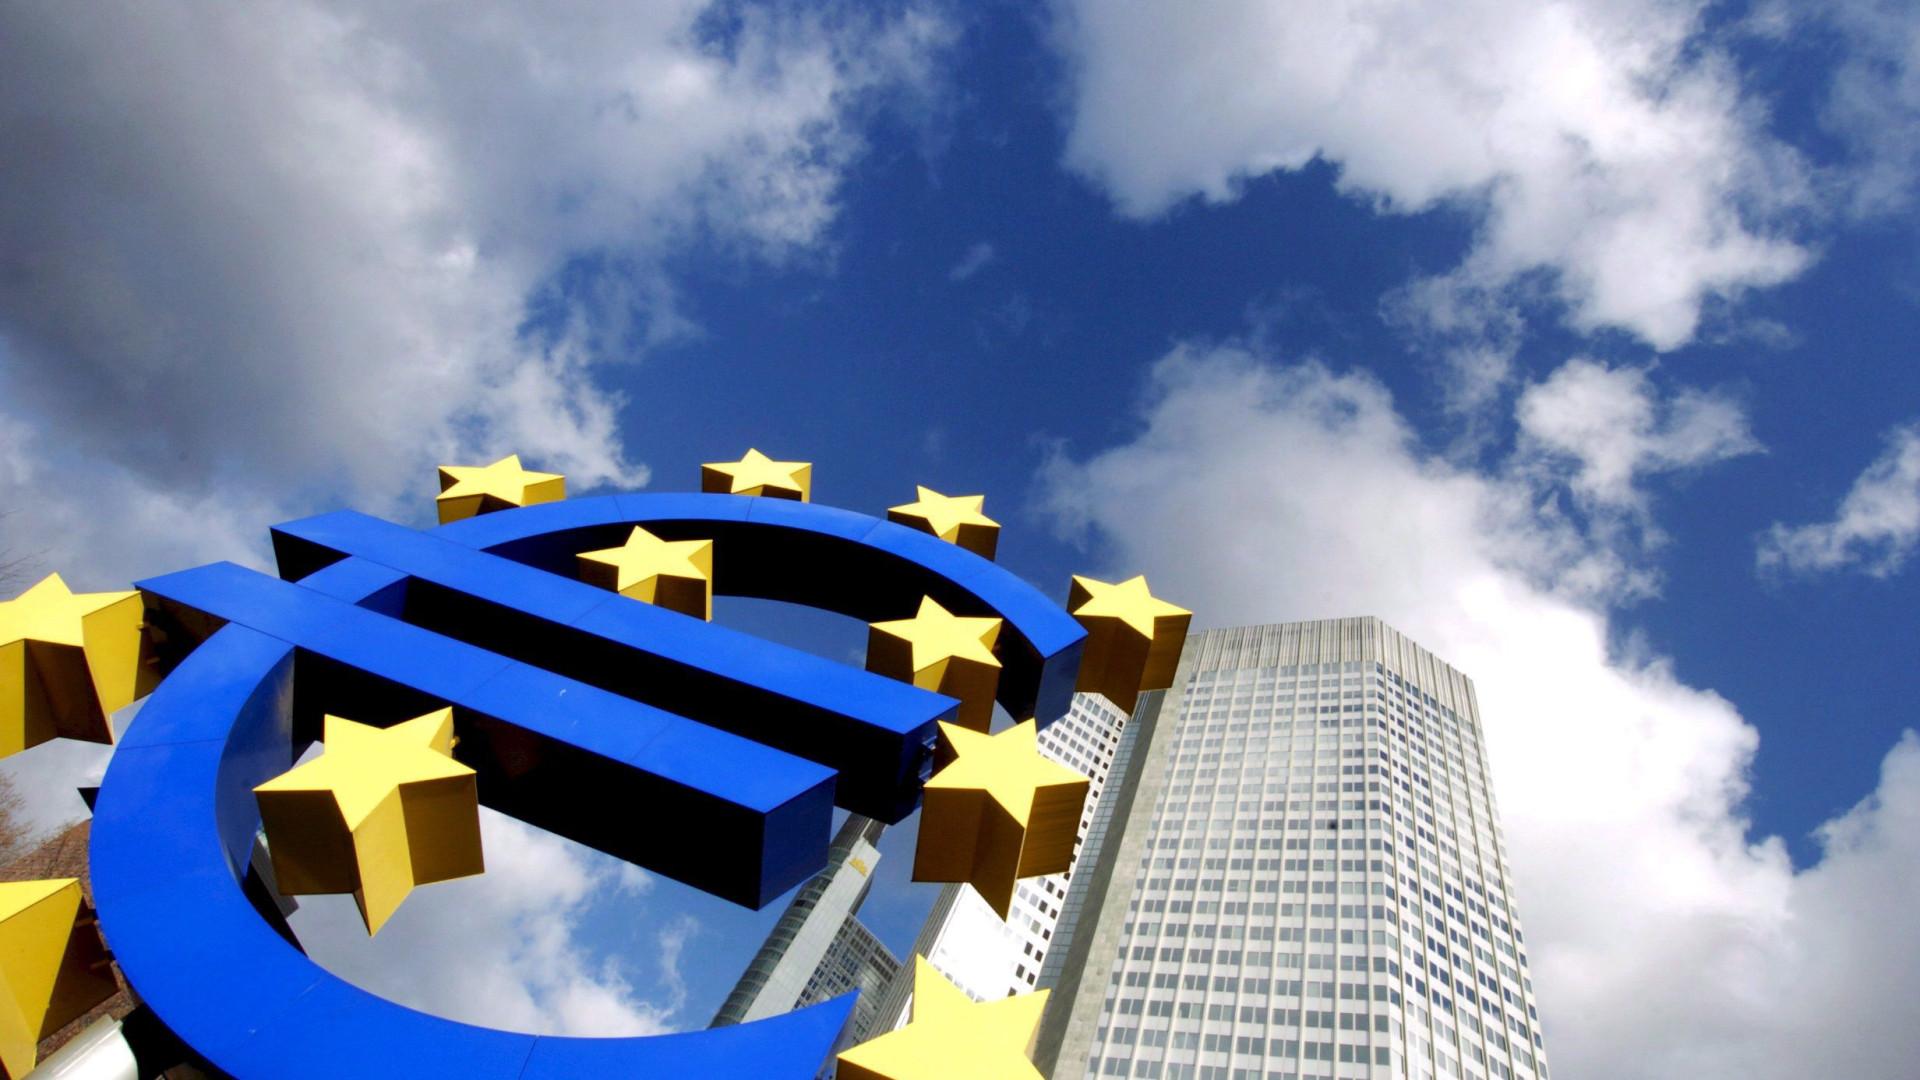 Bruxelas prolonga ajudas de Estado à banca portuguesa até 30 de junho